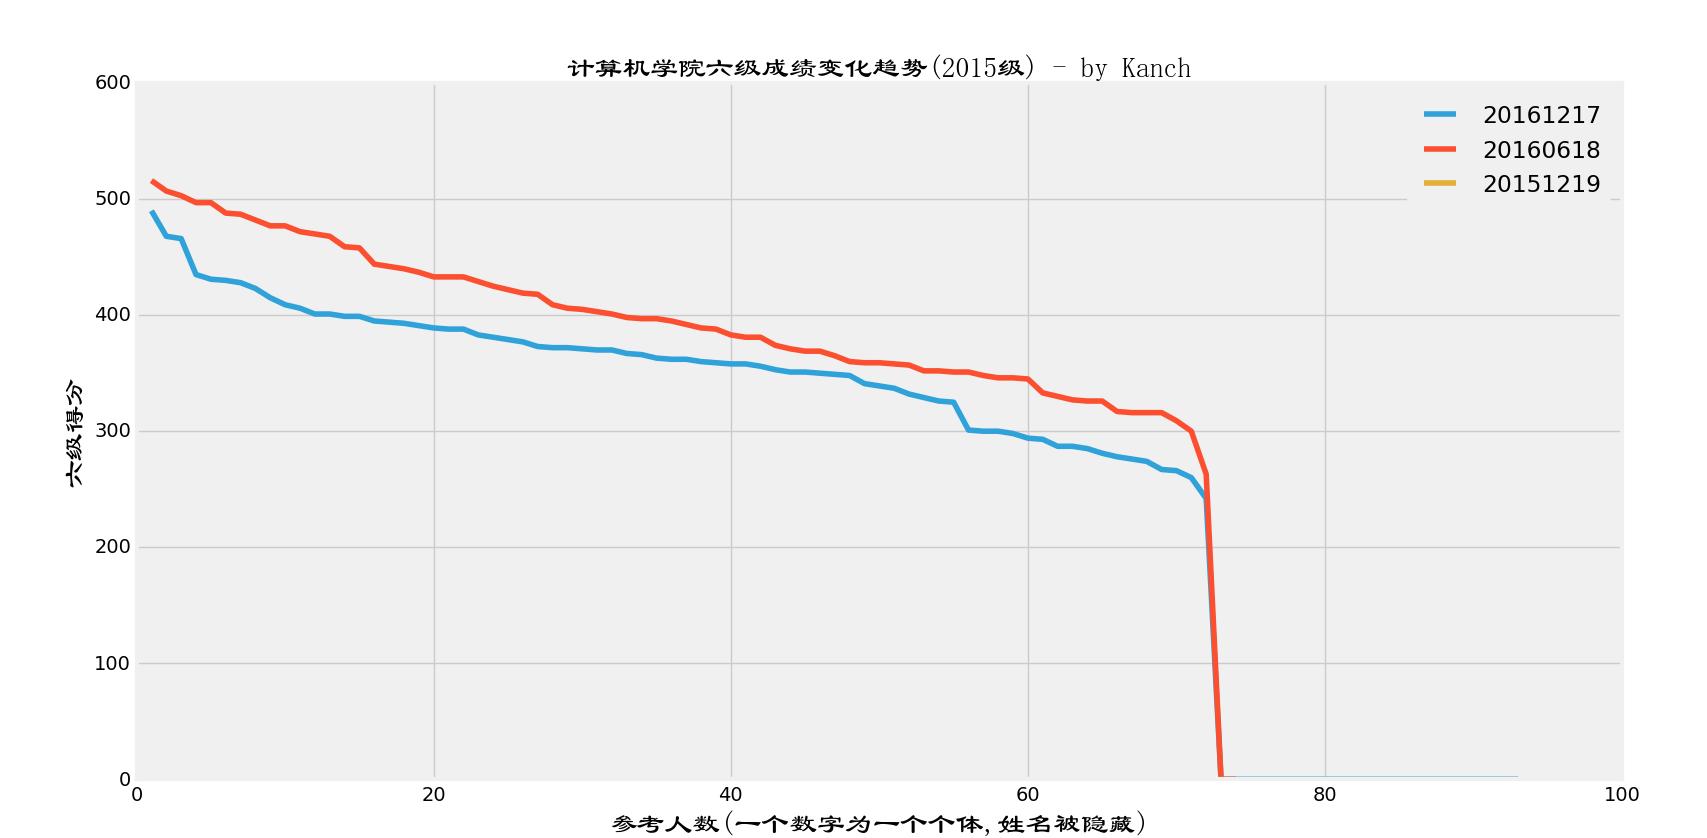 2015级3次六级成绩变化图